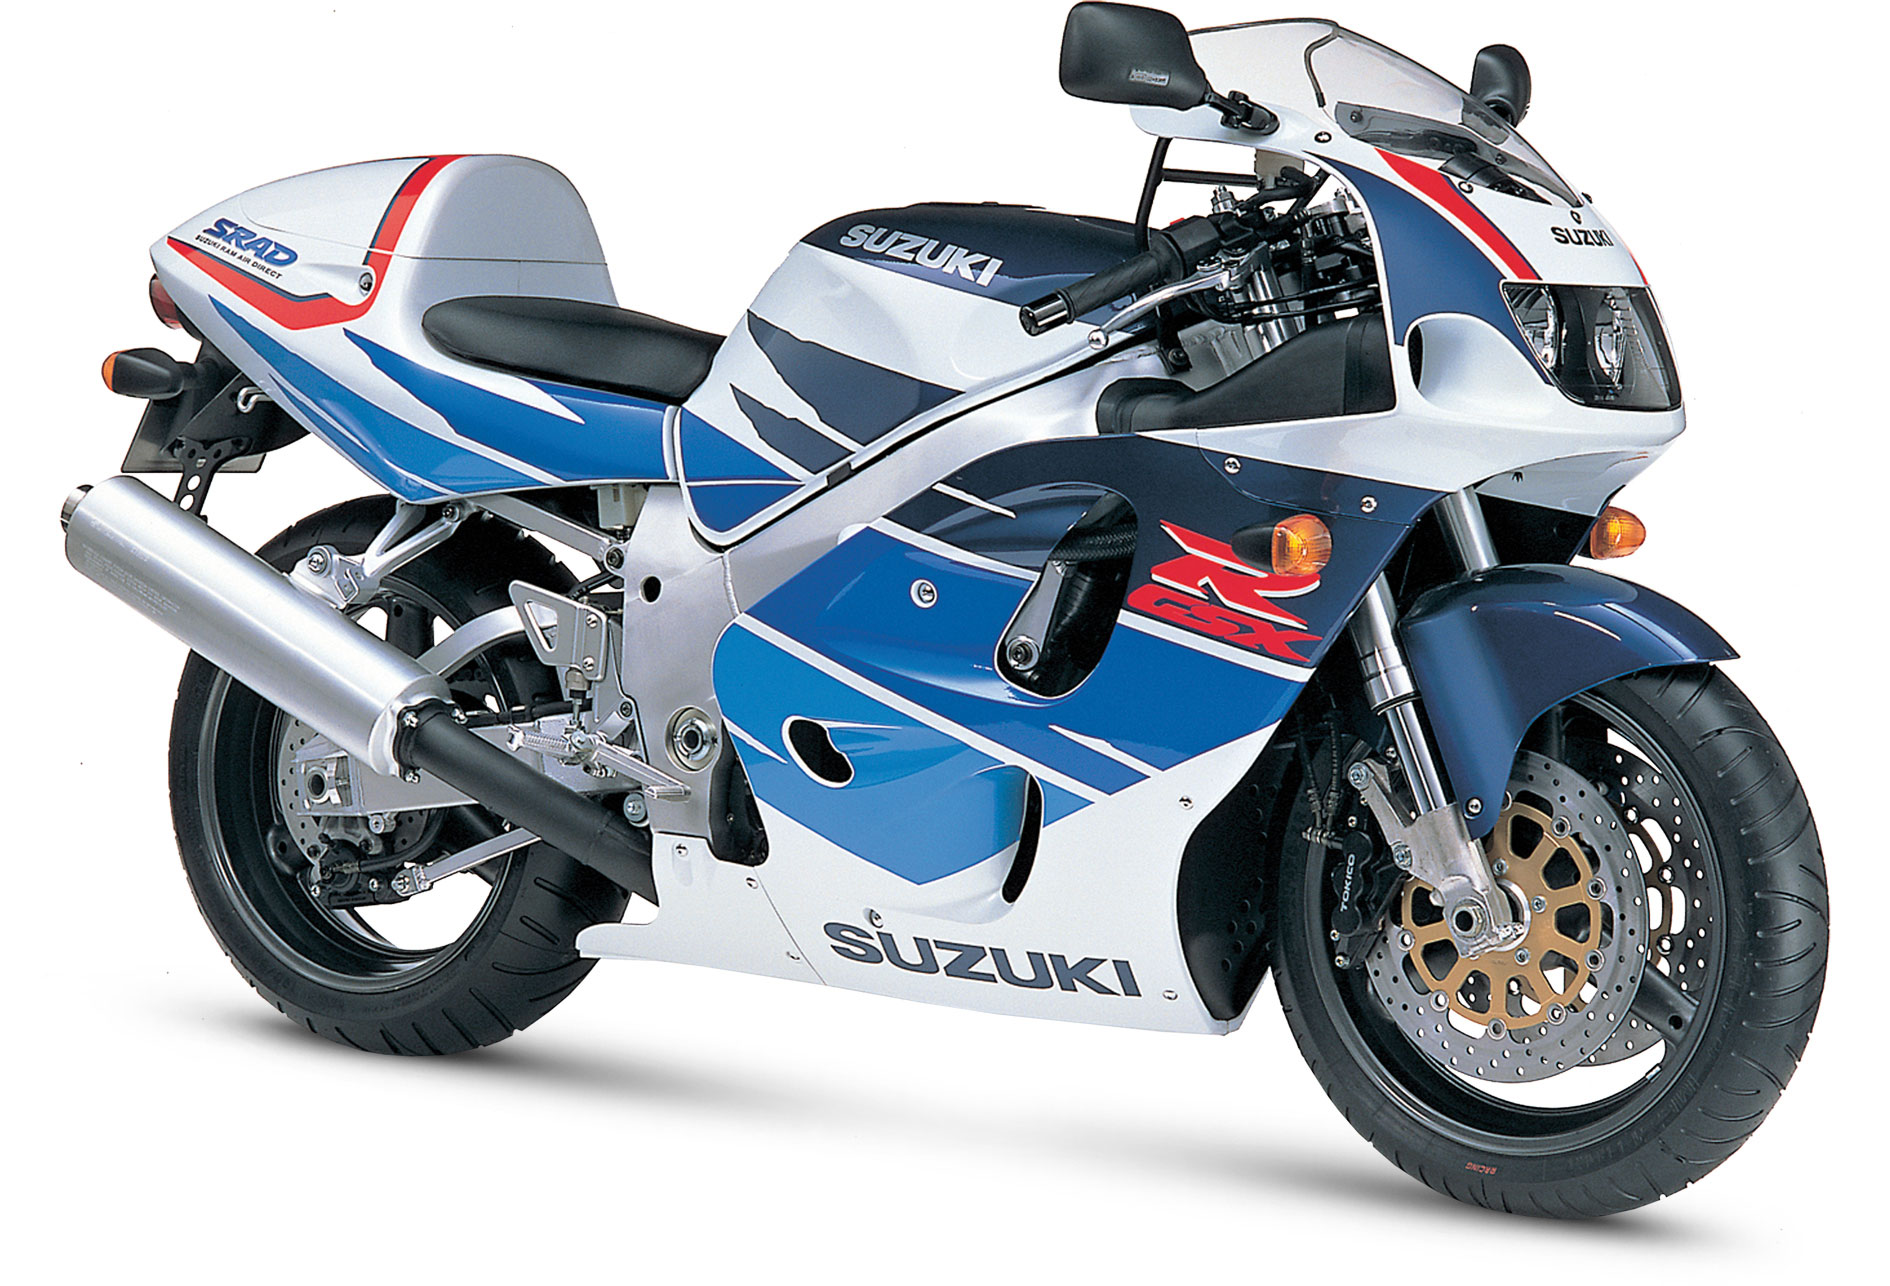 90s Sports Bikes - Suzuki GSX-R